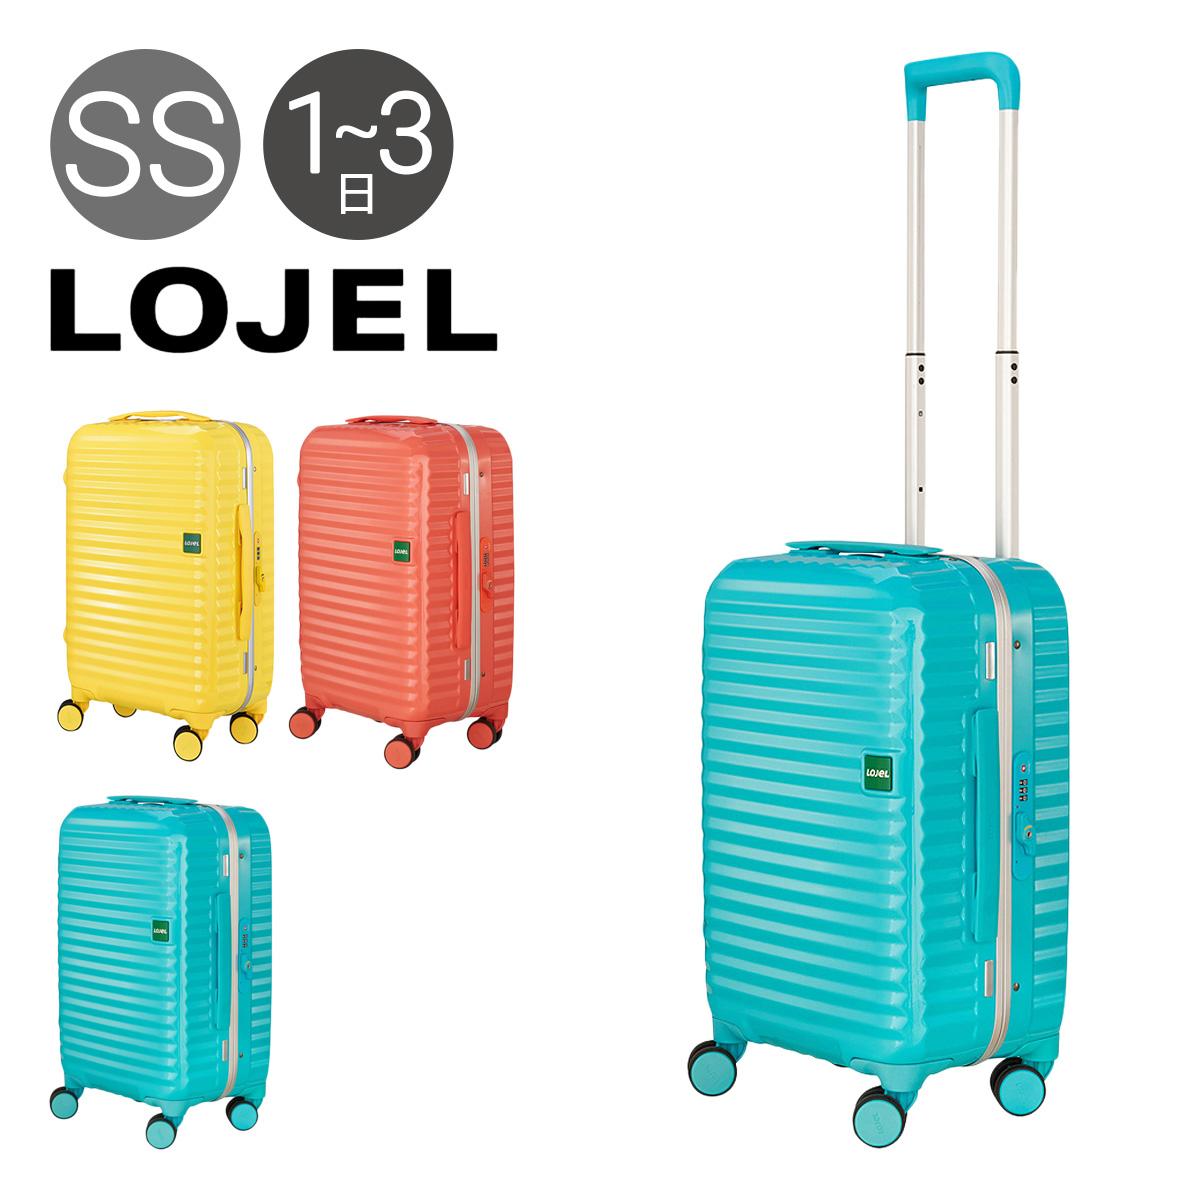 ロジェール スーツケース Groove 2 Sサイズ 48cm LOJEL [bef][即日発送][PO5]